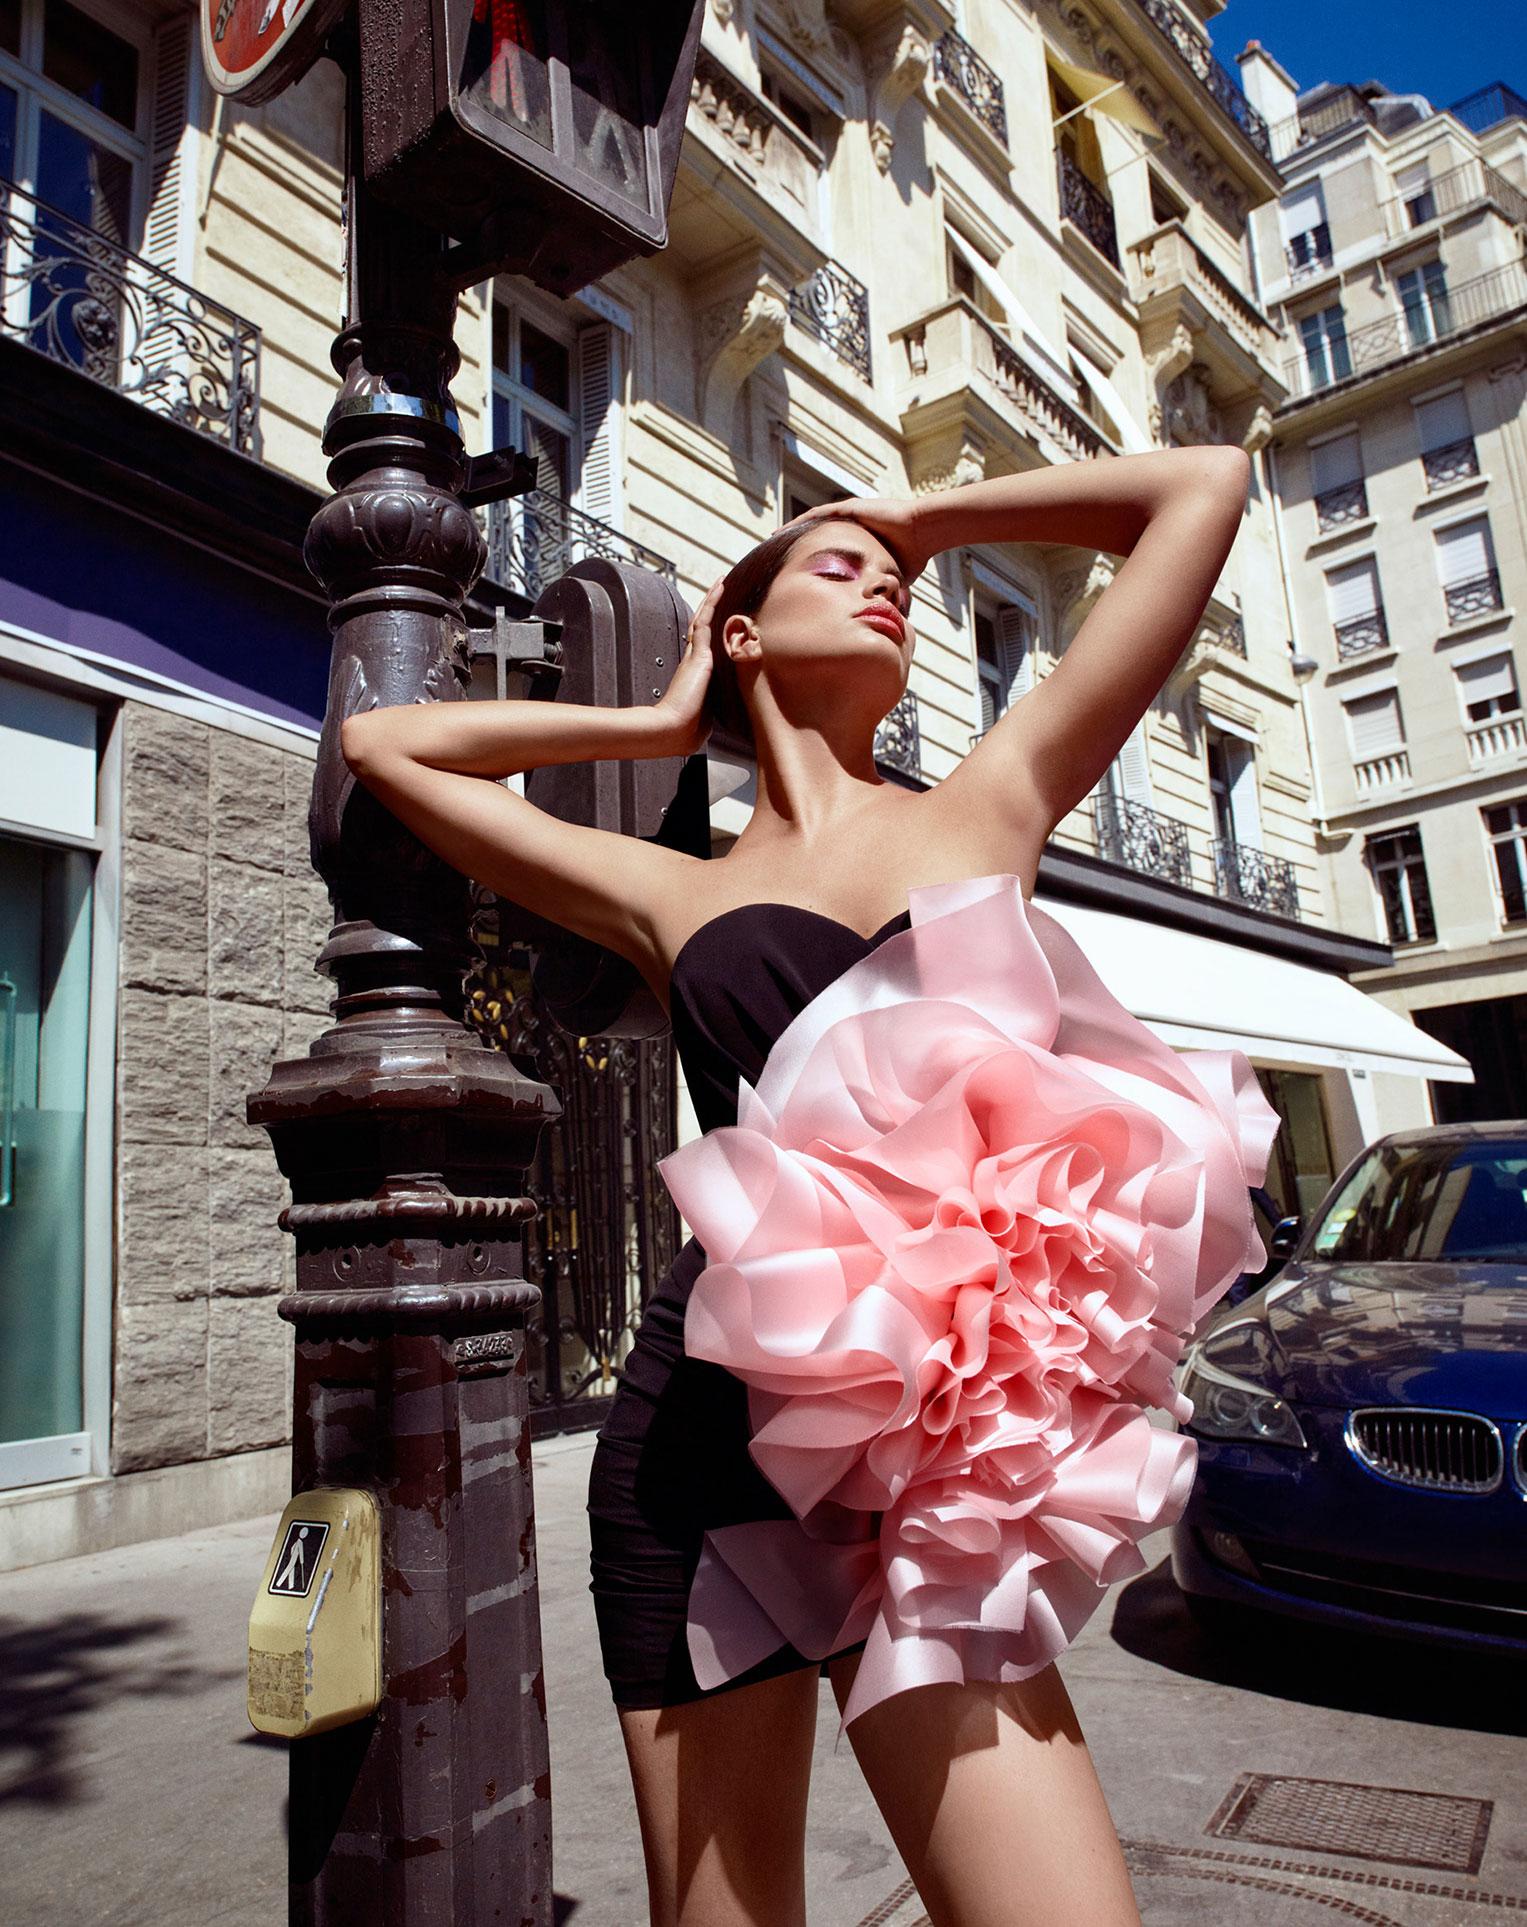 Сара Сампайо демонстрирует модные наряды на улицах и балконах Парижа / фото 05